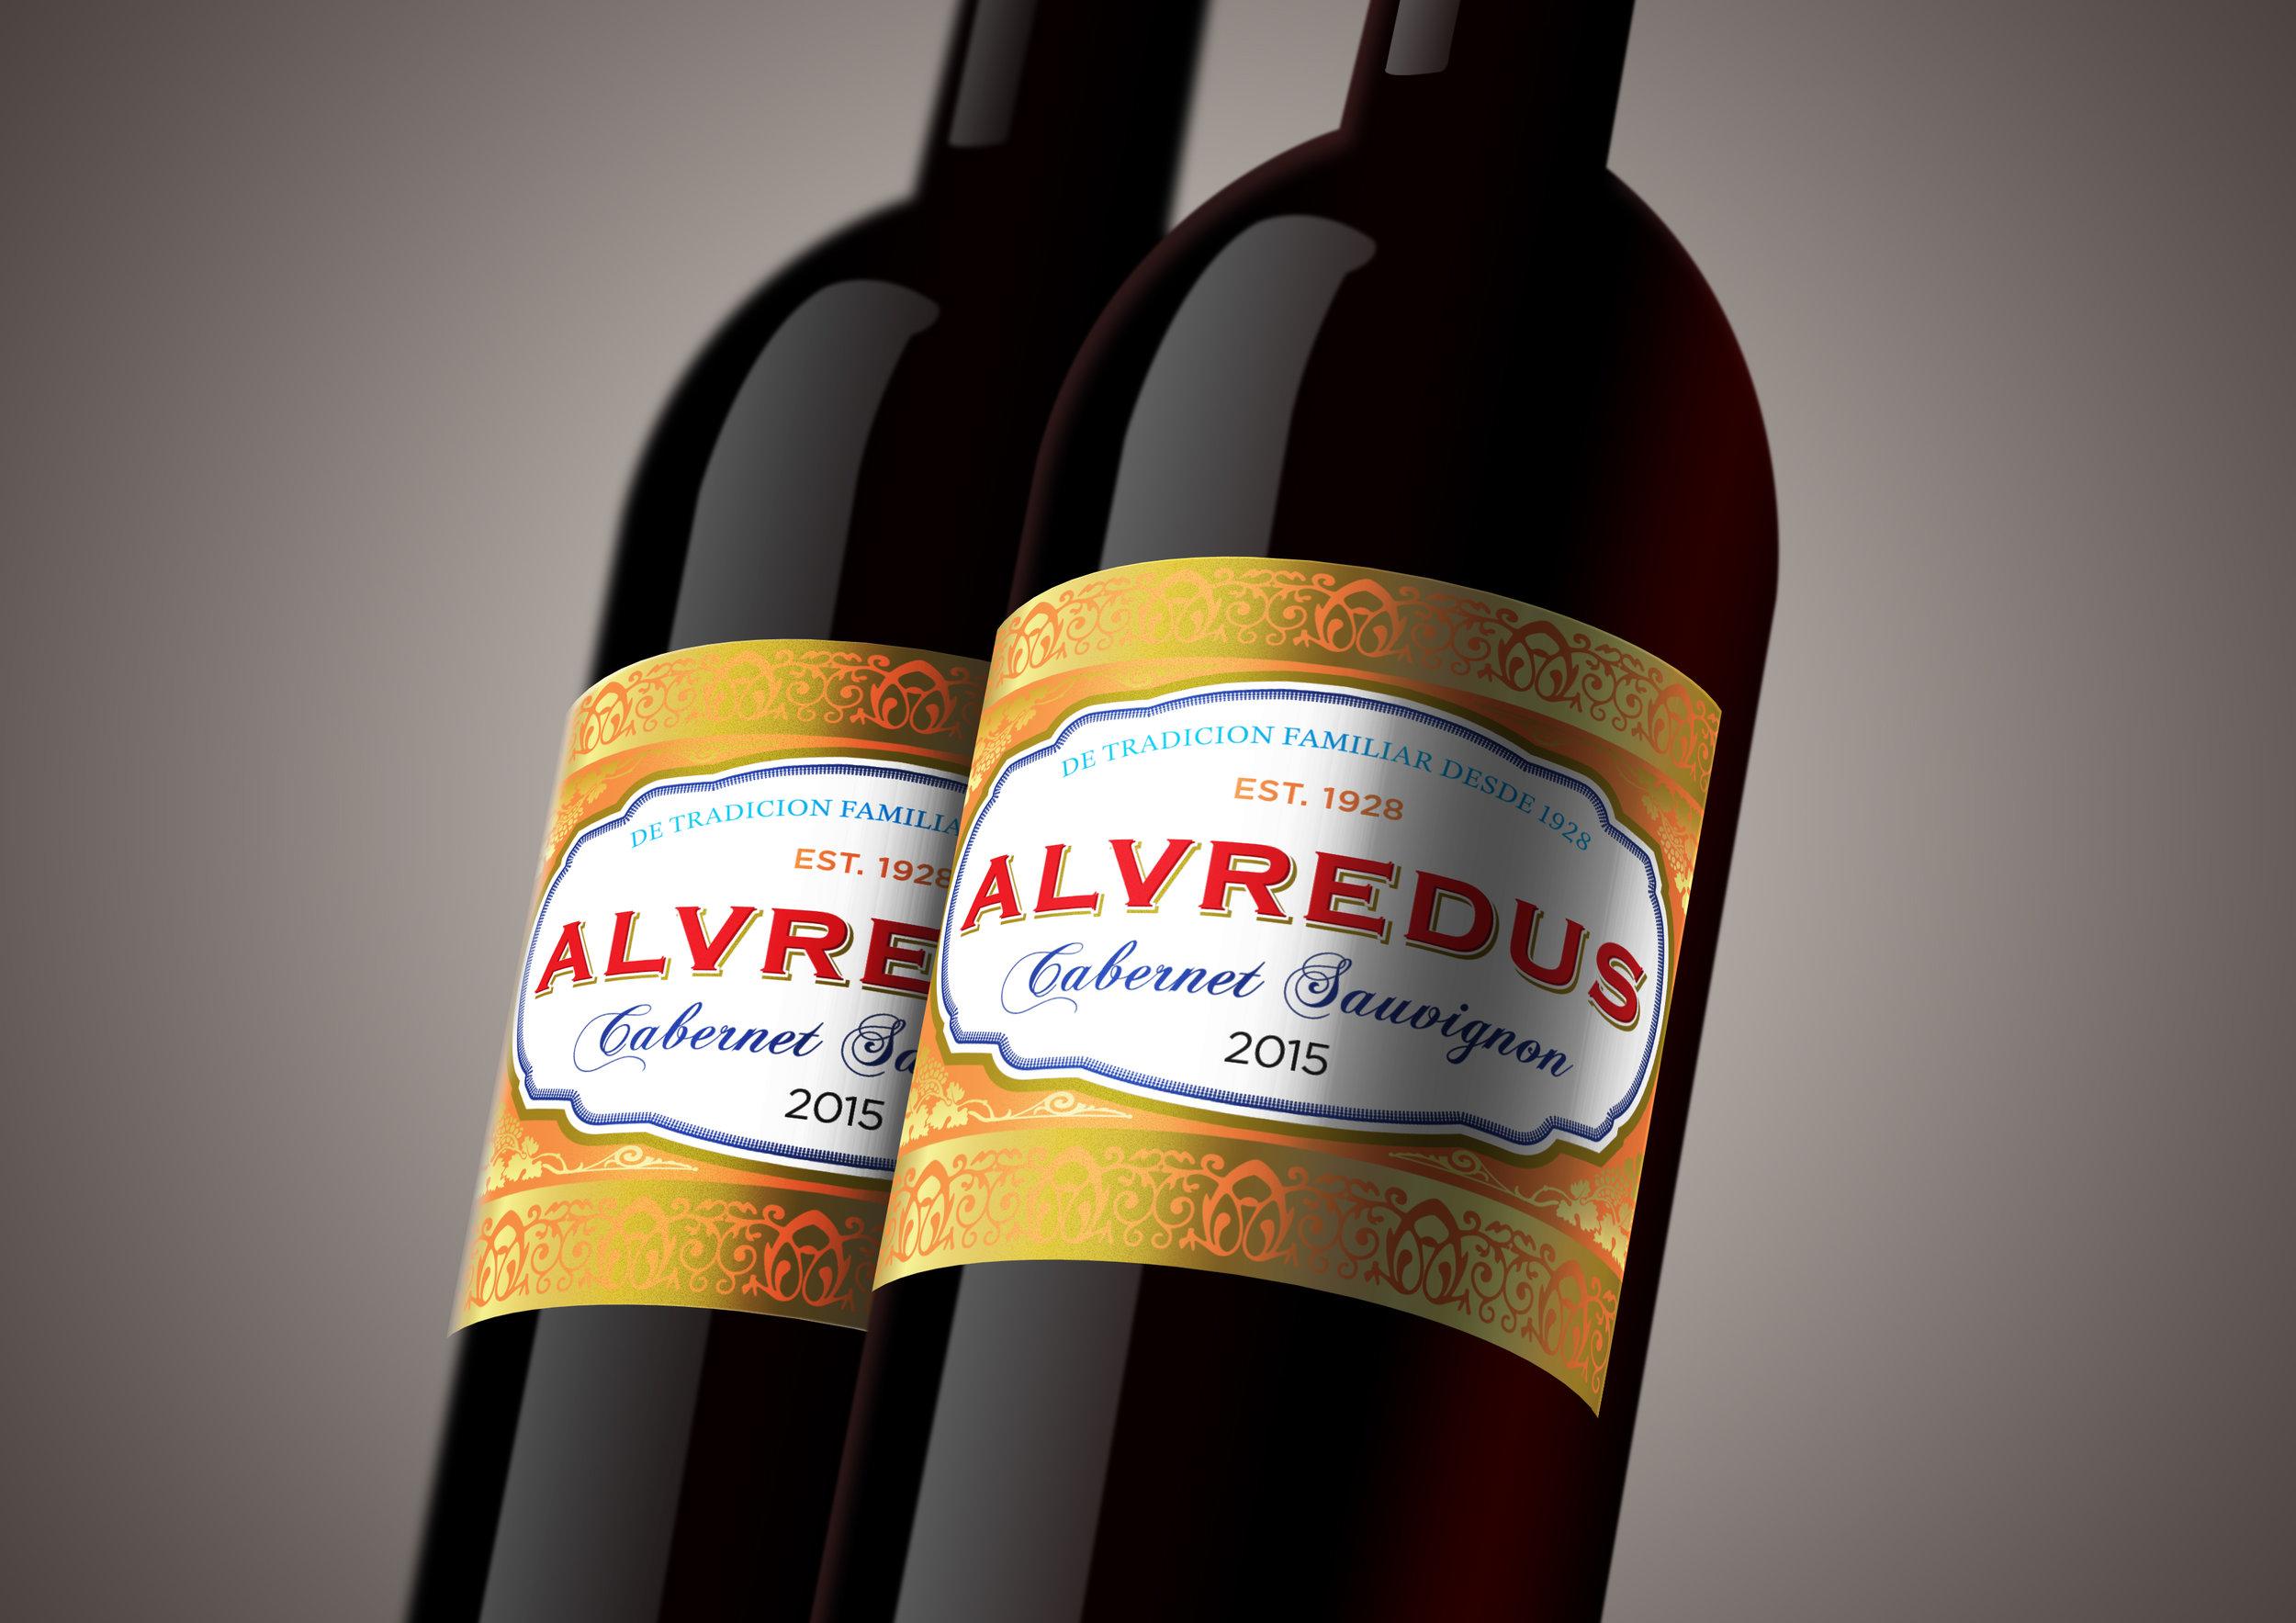 Alvredus 2 Bottle Shot.jpg